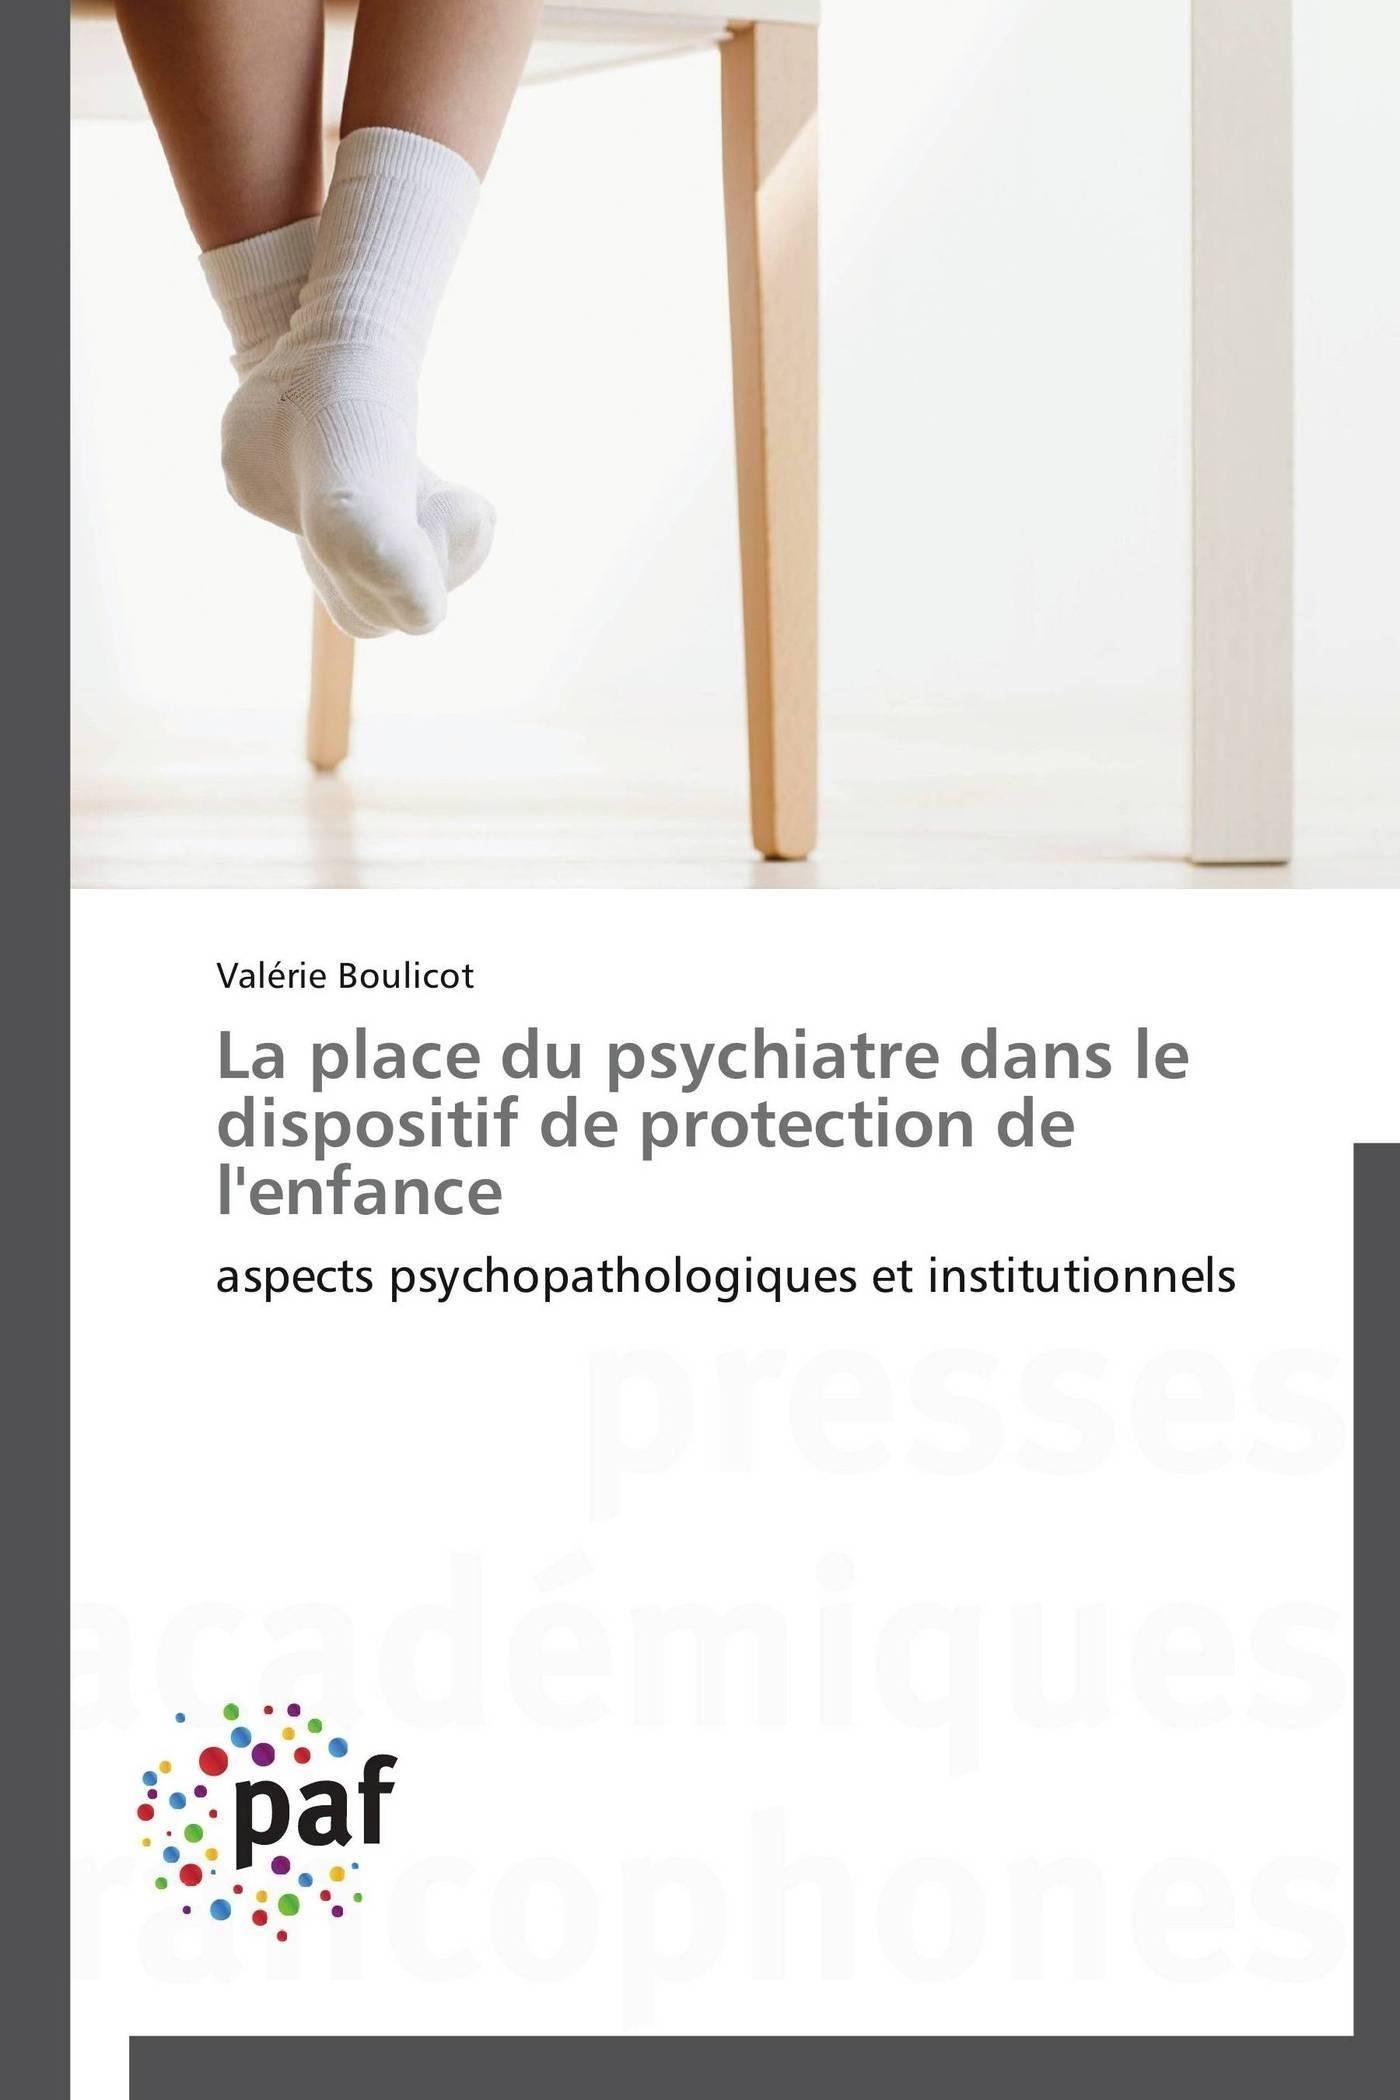 LA PLACE DU PSYCHIATRE DANS LE DISPOSITIF DE PROTECTION DE L'ENFANCE